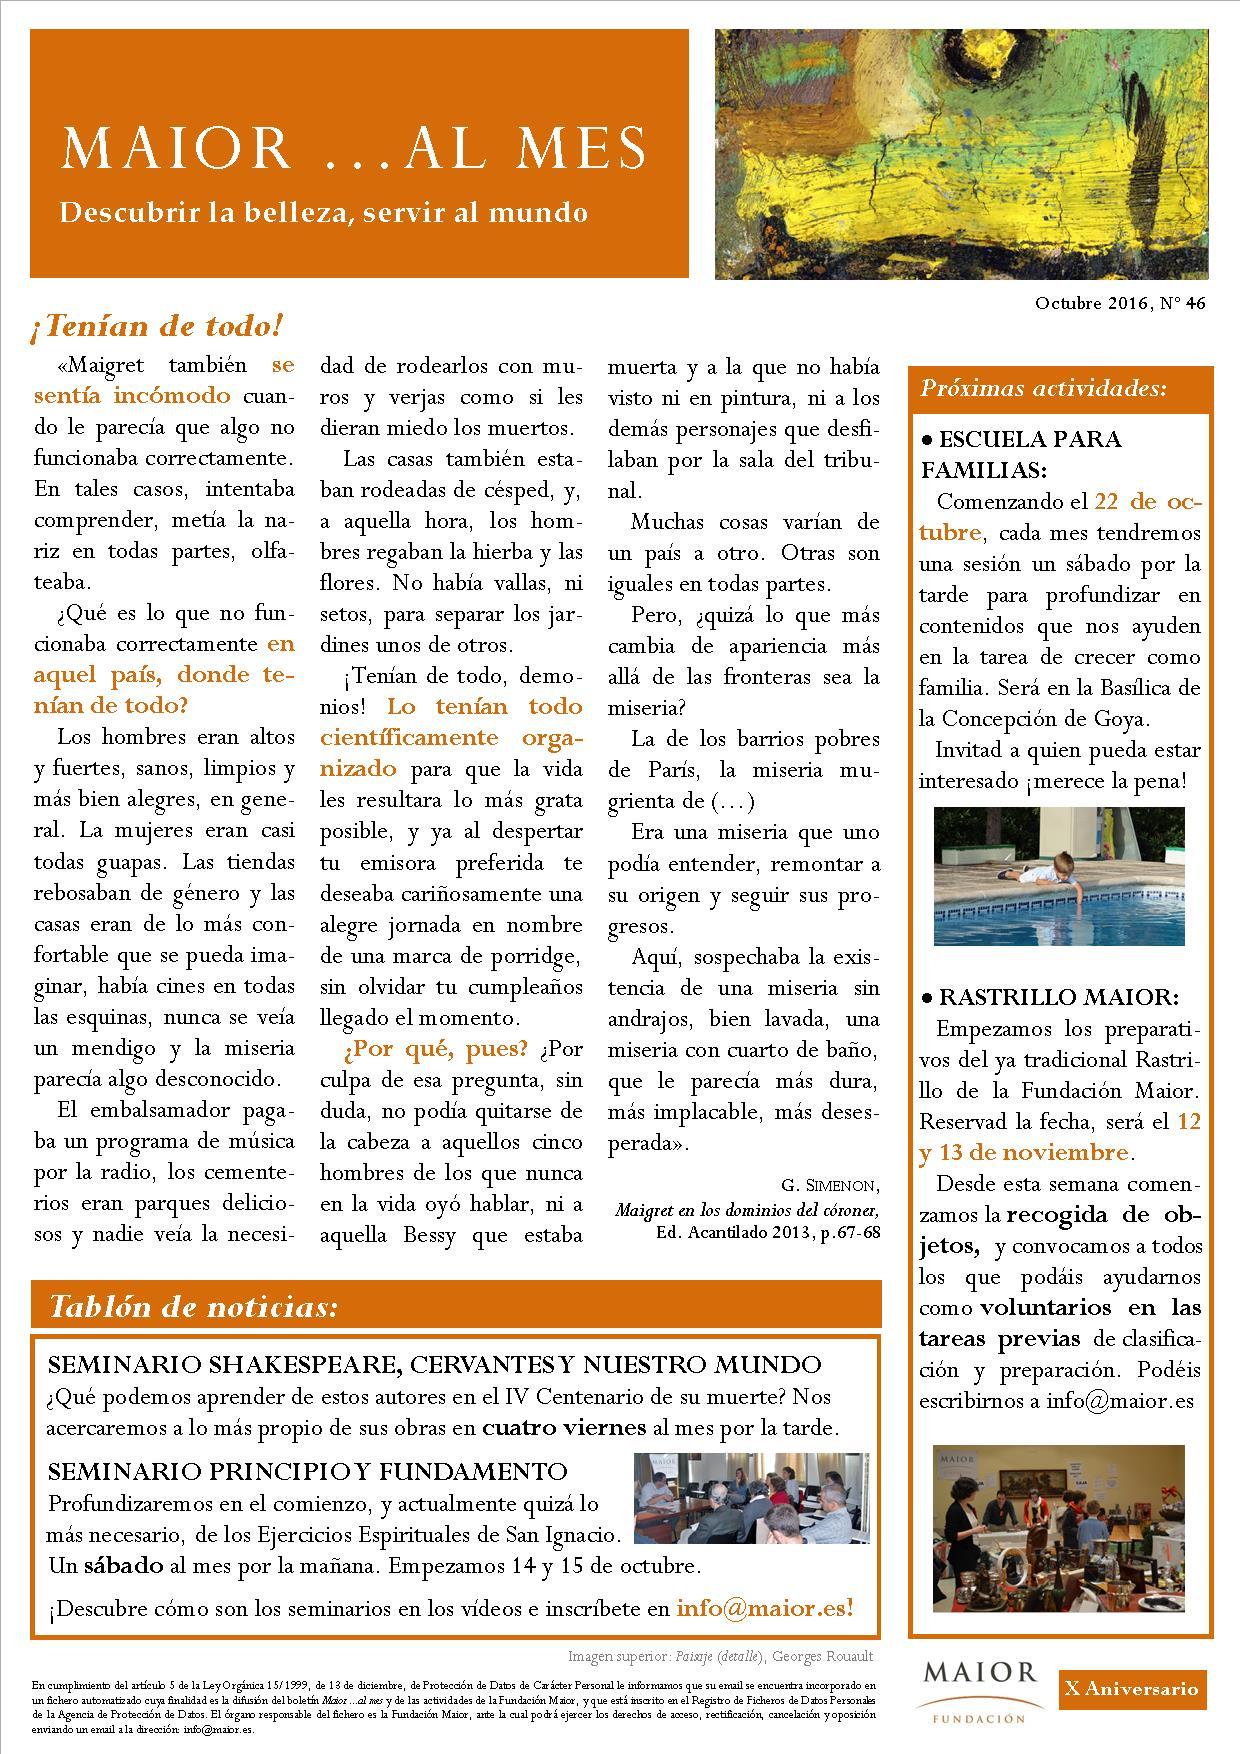 Boletín mensual de noticias y actividades de la Fundación Maior. Edición de octubre 2016